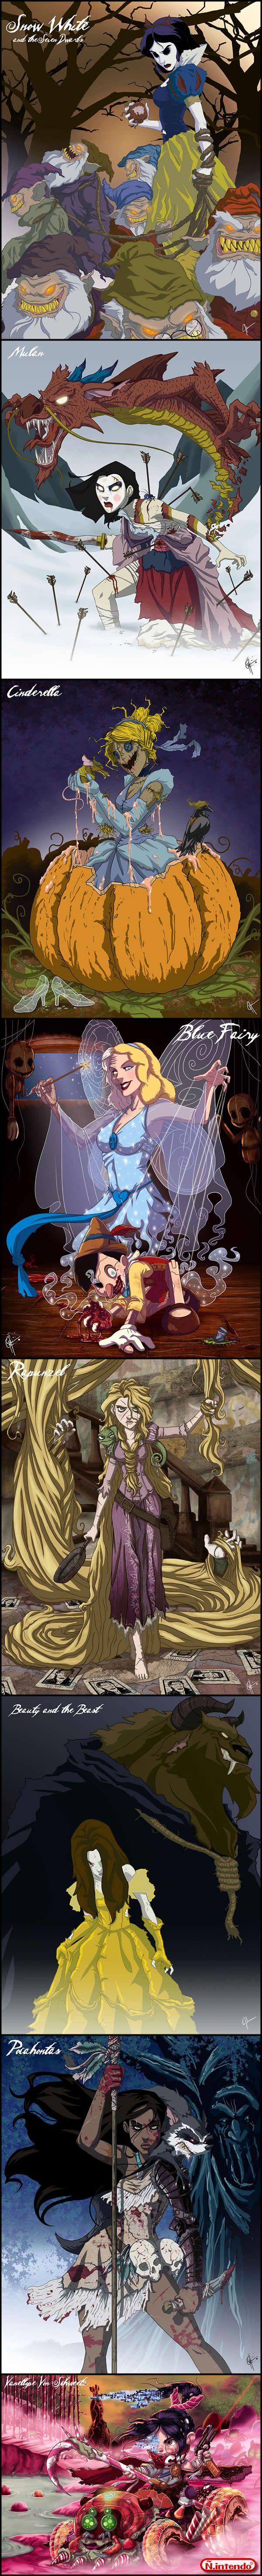 Princesas Da Disney Macabras - Não Intendo